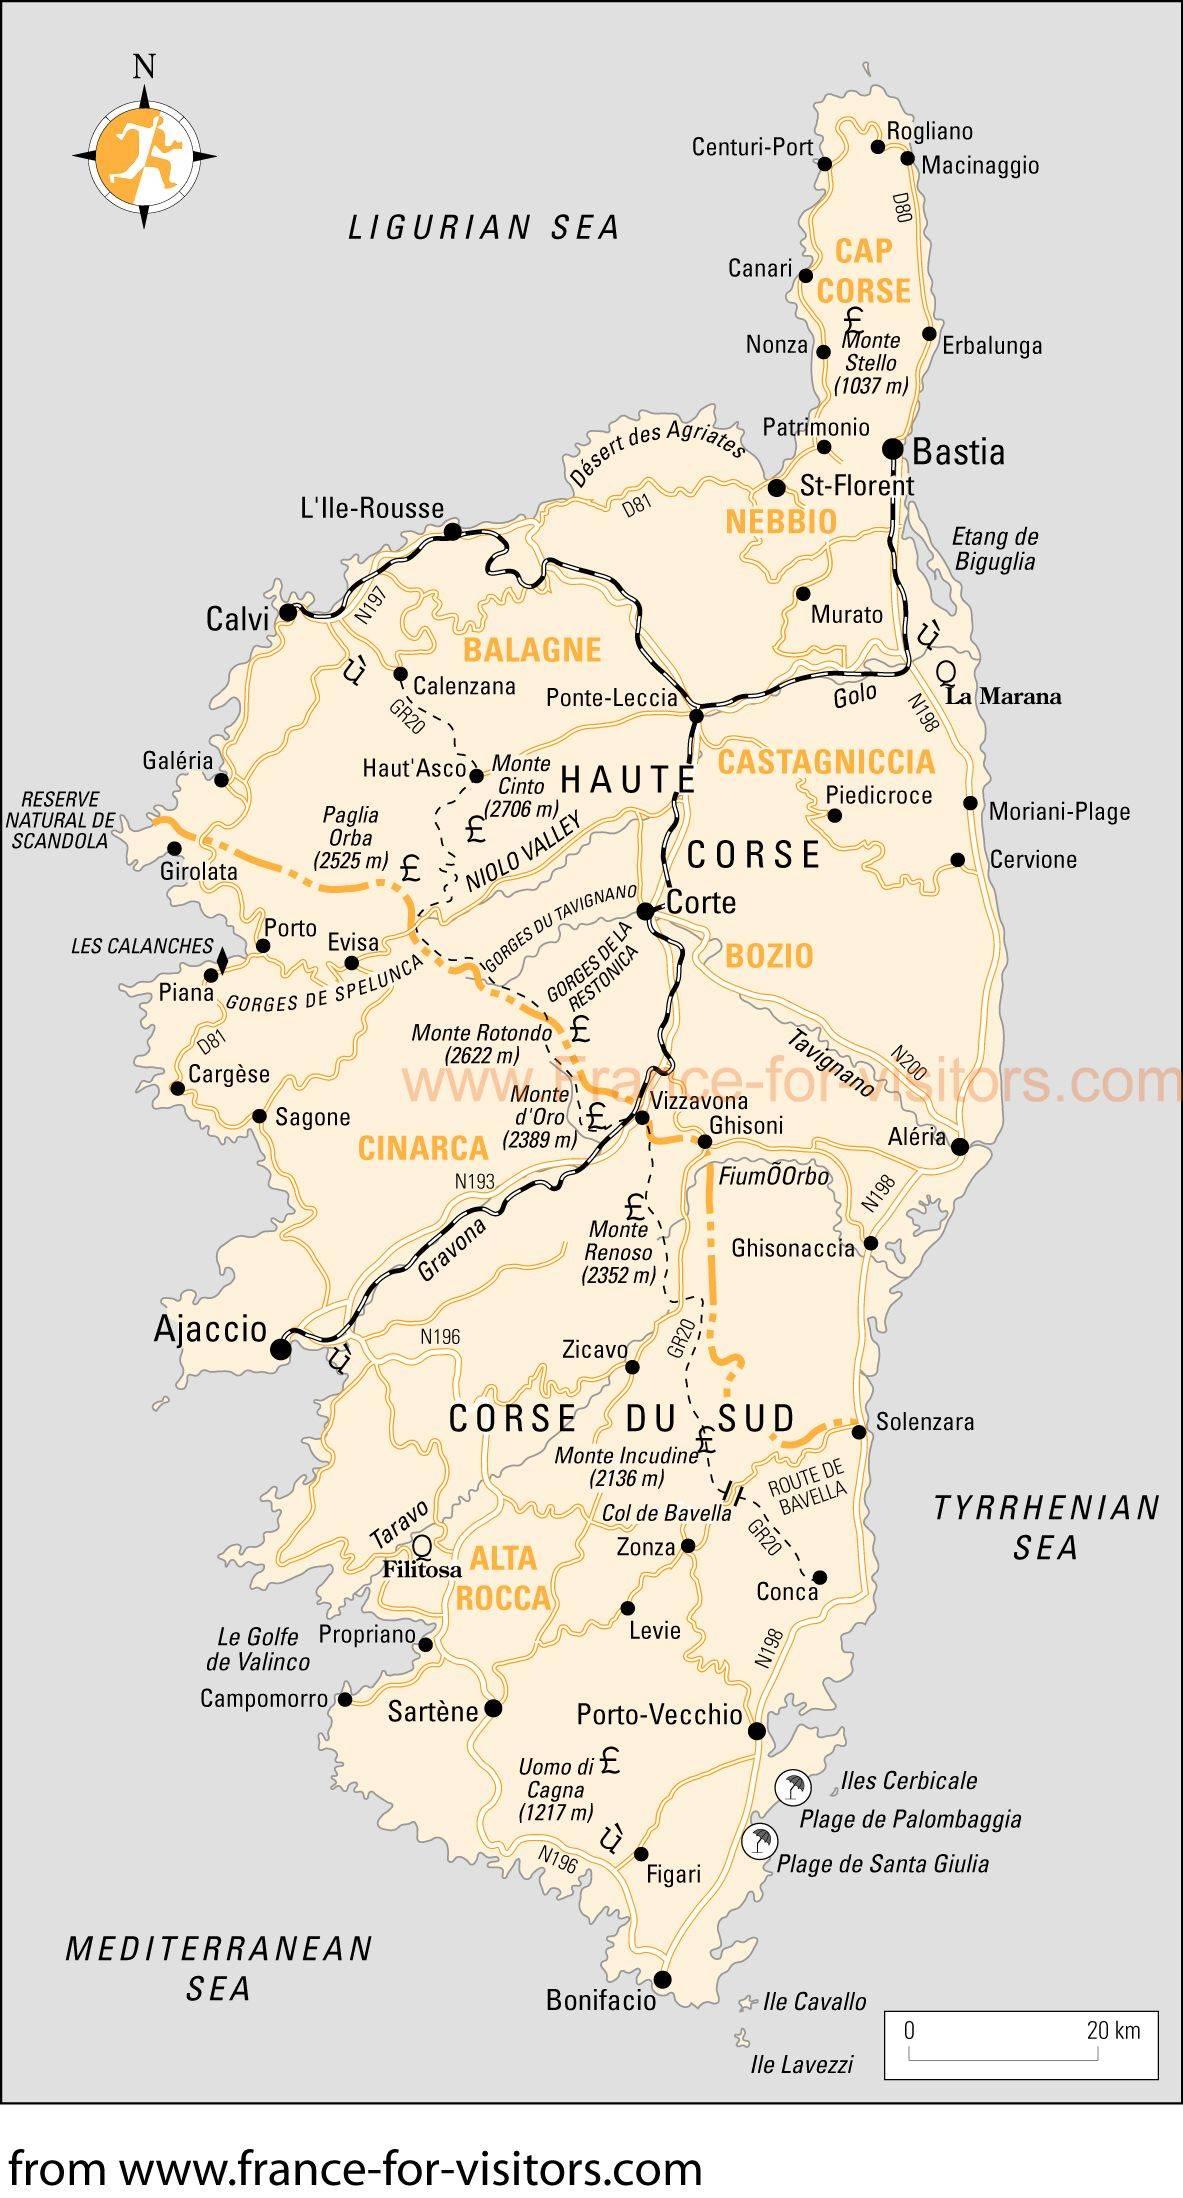 Cartes De Corse | Cartes Typographiques Détaillées De Corse intérieur Carte De France Detaillée Gratuite